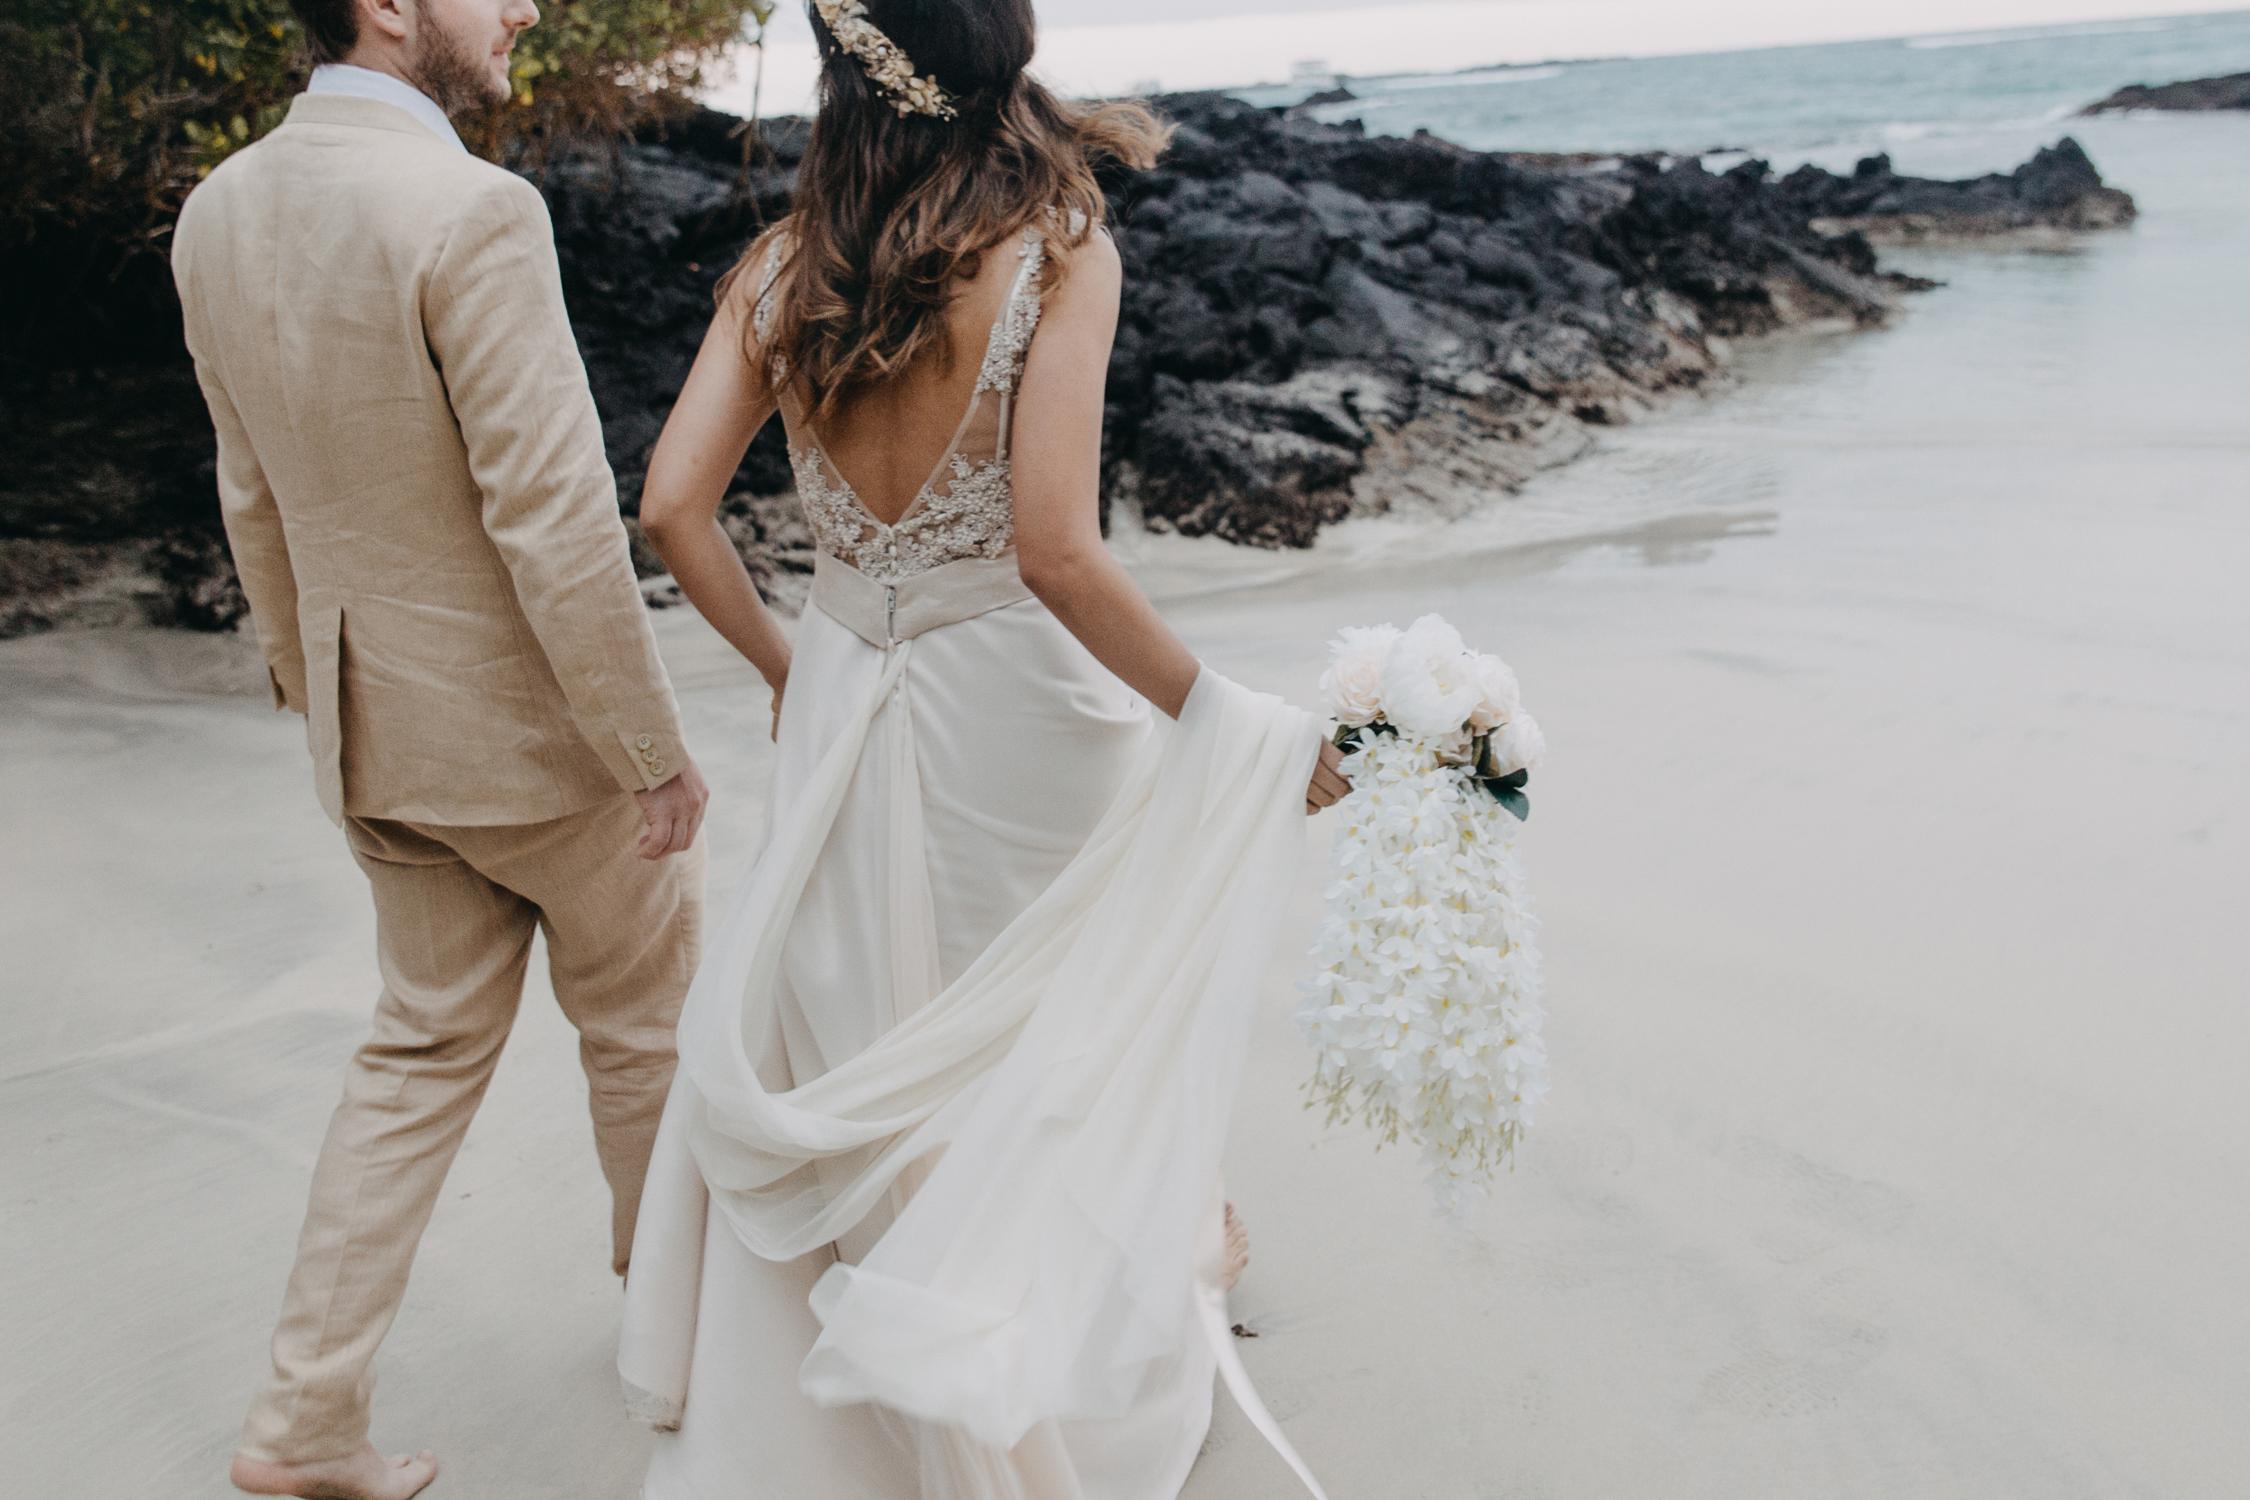 Michelle-Agurto-Fotografia-Bodas-Ecuador-Destination-Wedding-Photographer-Galapagos-Andrea-Joaquin-228.JPG